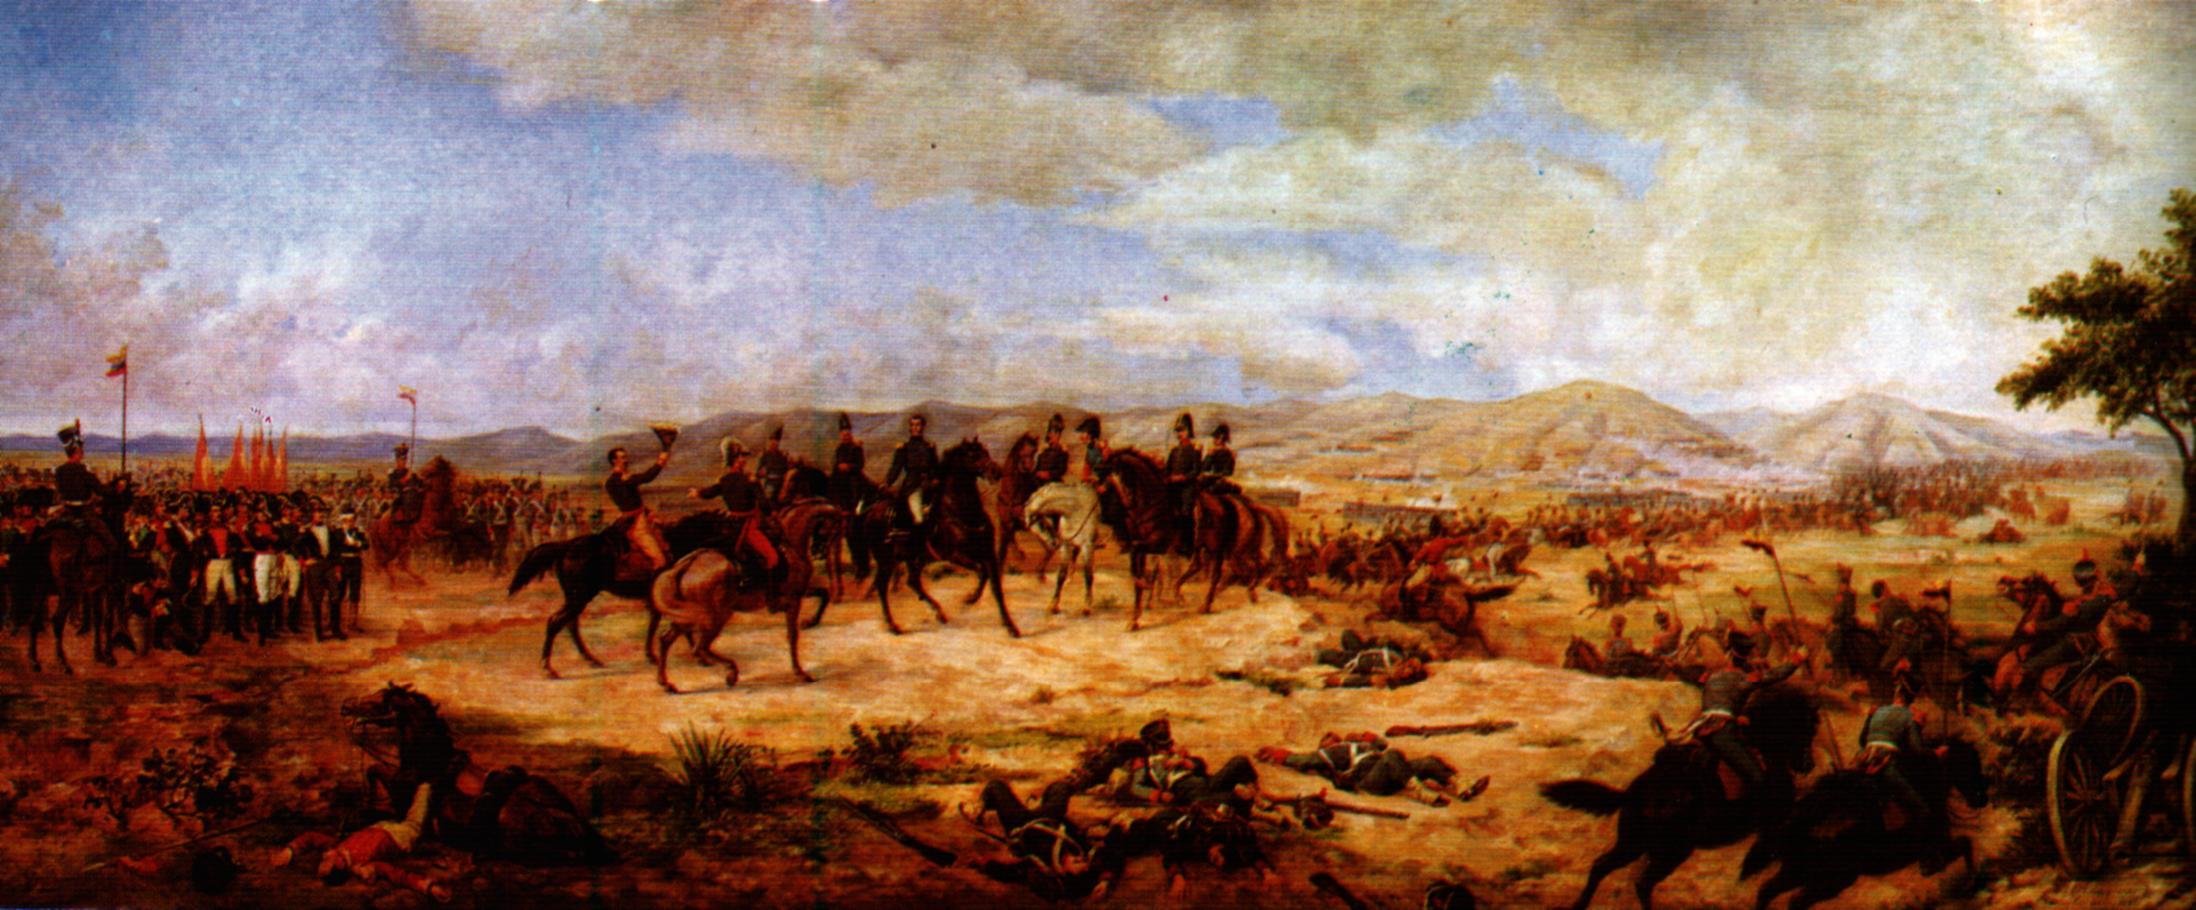 Schlacht bei Ayacucho